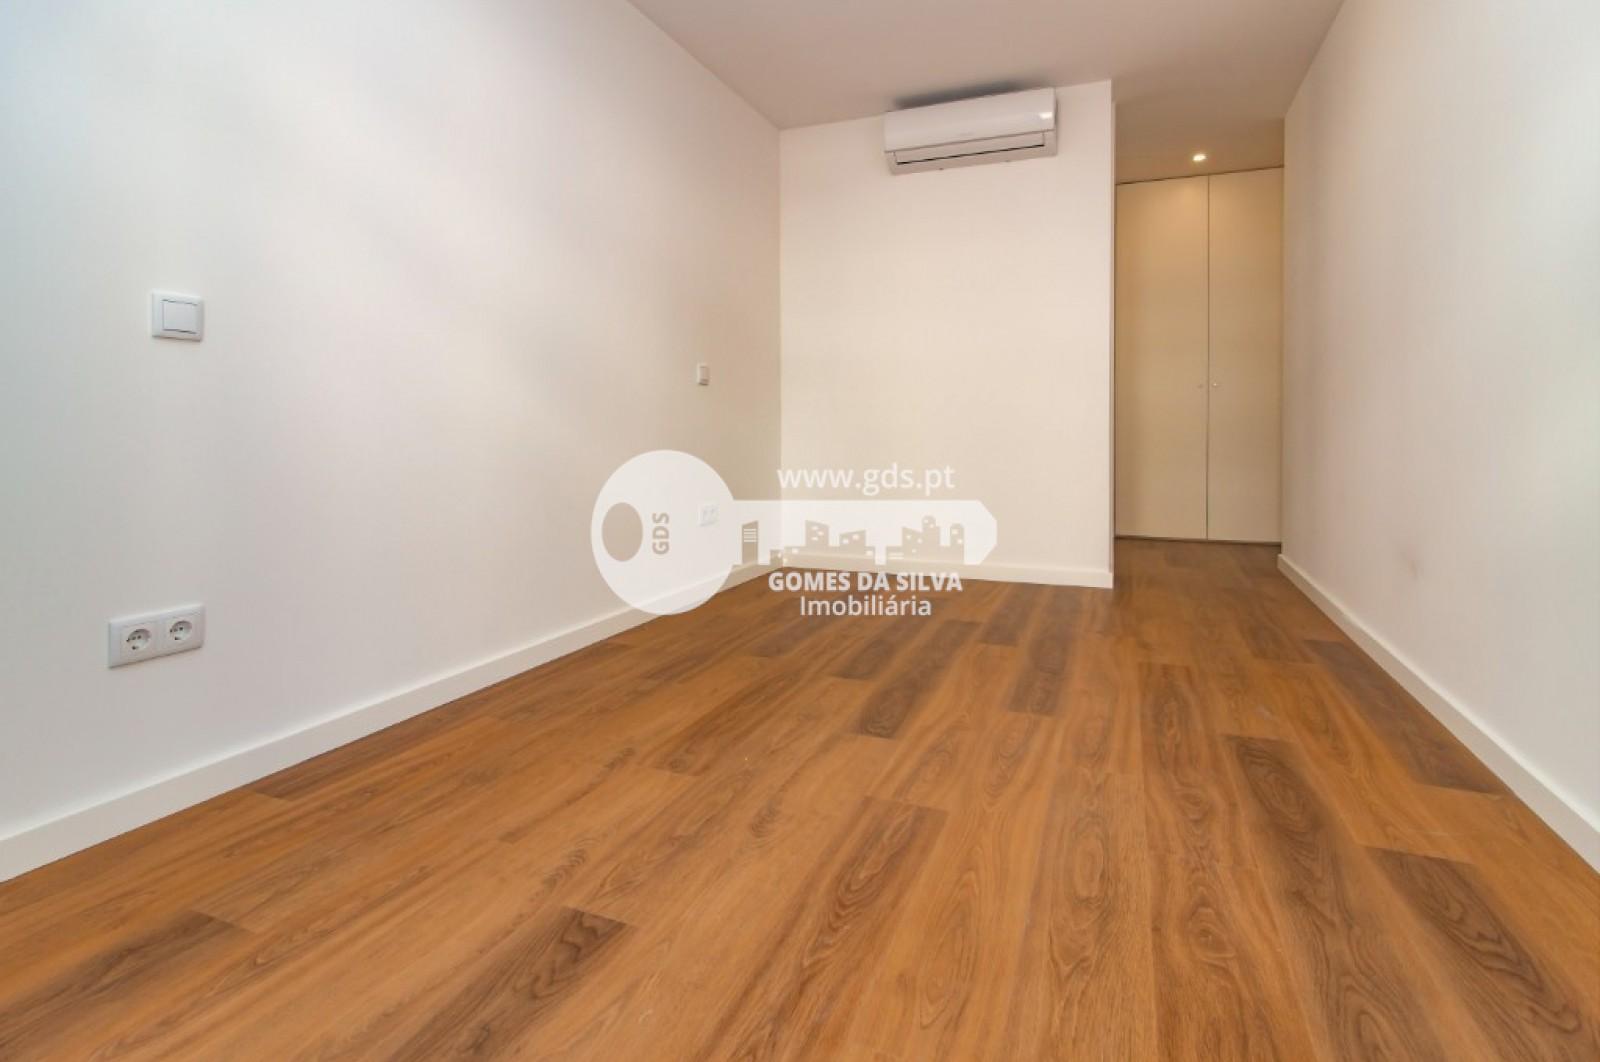 Apartamento T3 para Venda em São Vicente, Braga, Braga - Imagem 14